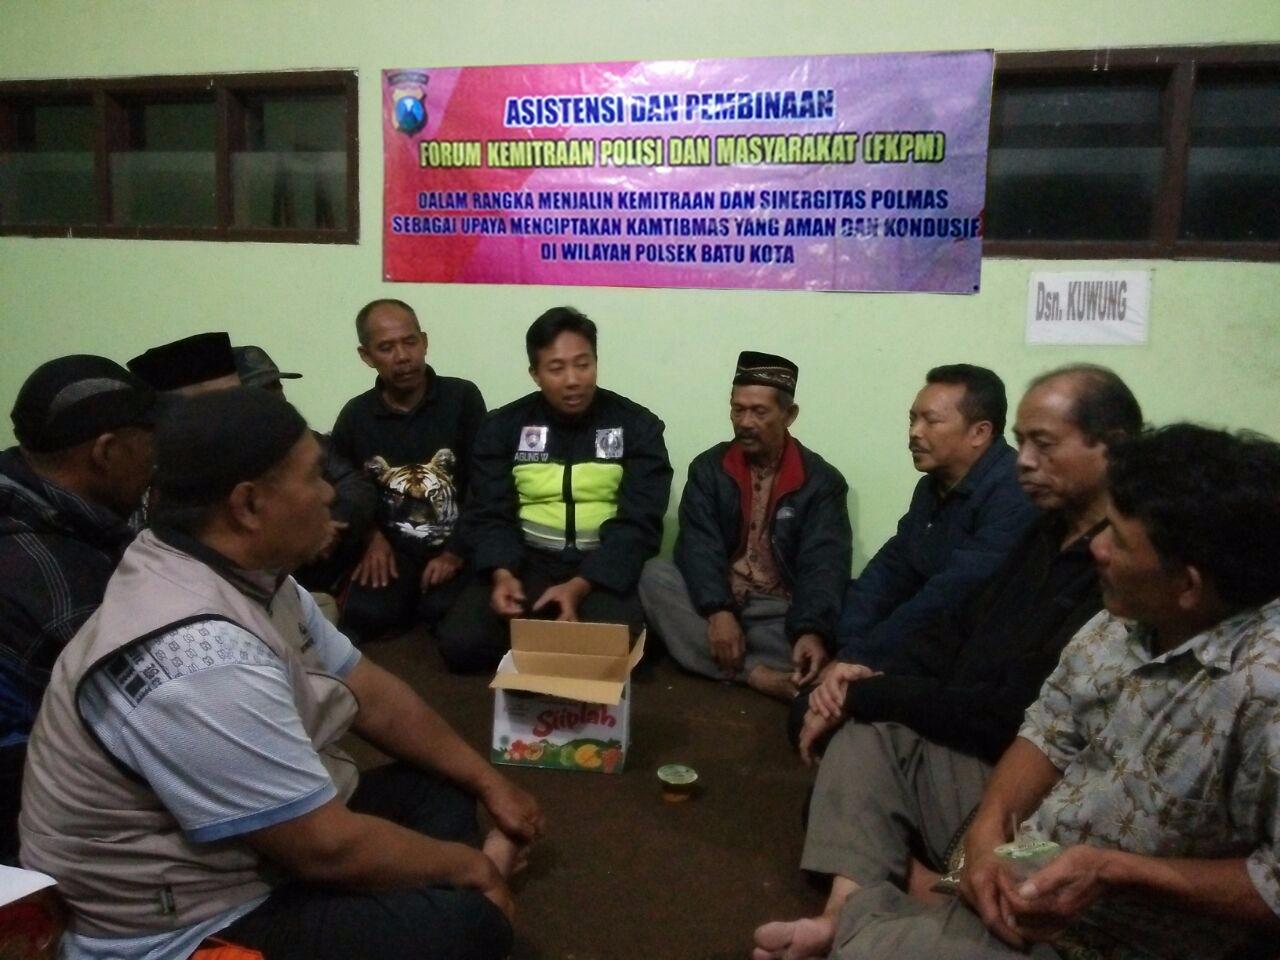 Bhabinkamtibmas Kelurahan Sisir Polsek Batu Polres Batu Laksanakan Giat Asistensi Dan Pembinaan Forum Kemitraan Polisi Dan Masyarakat